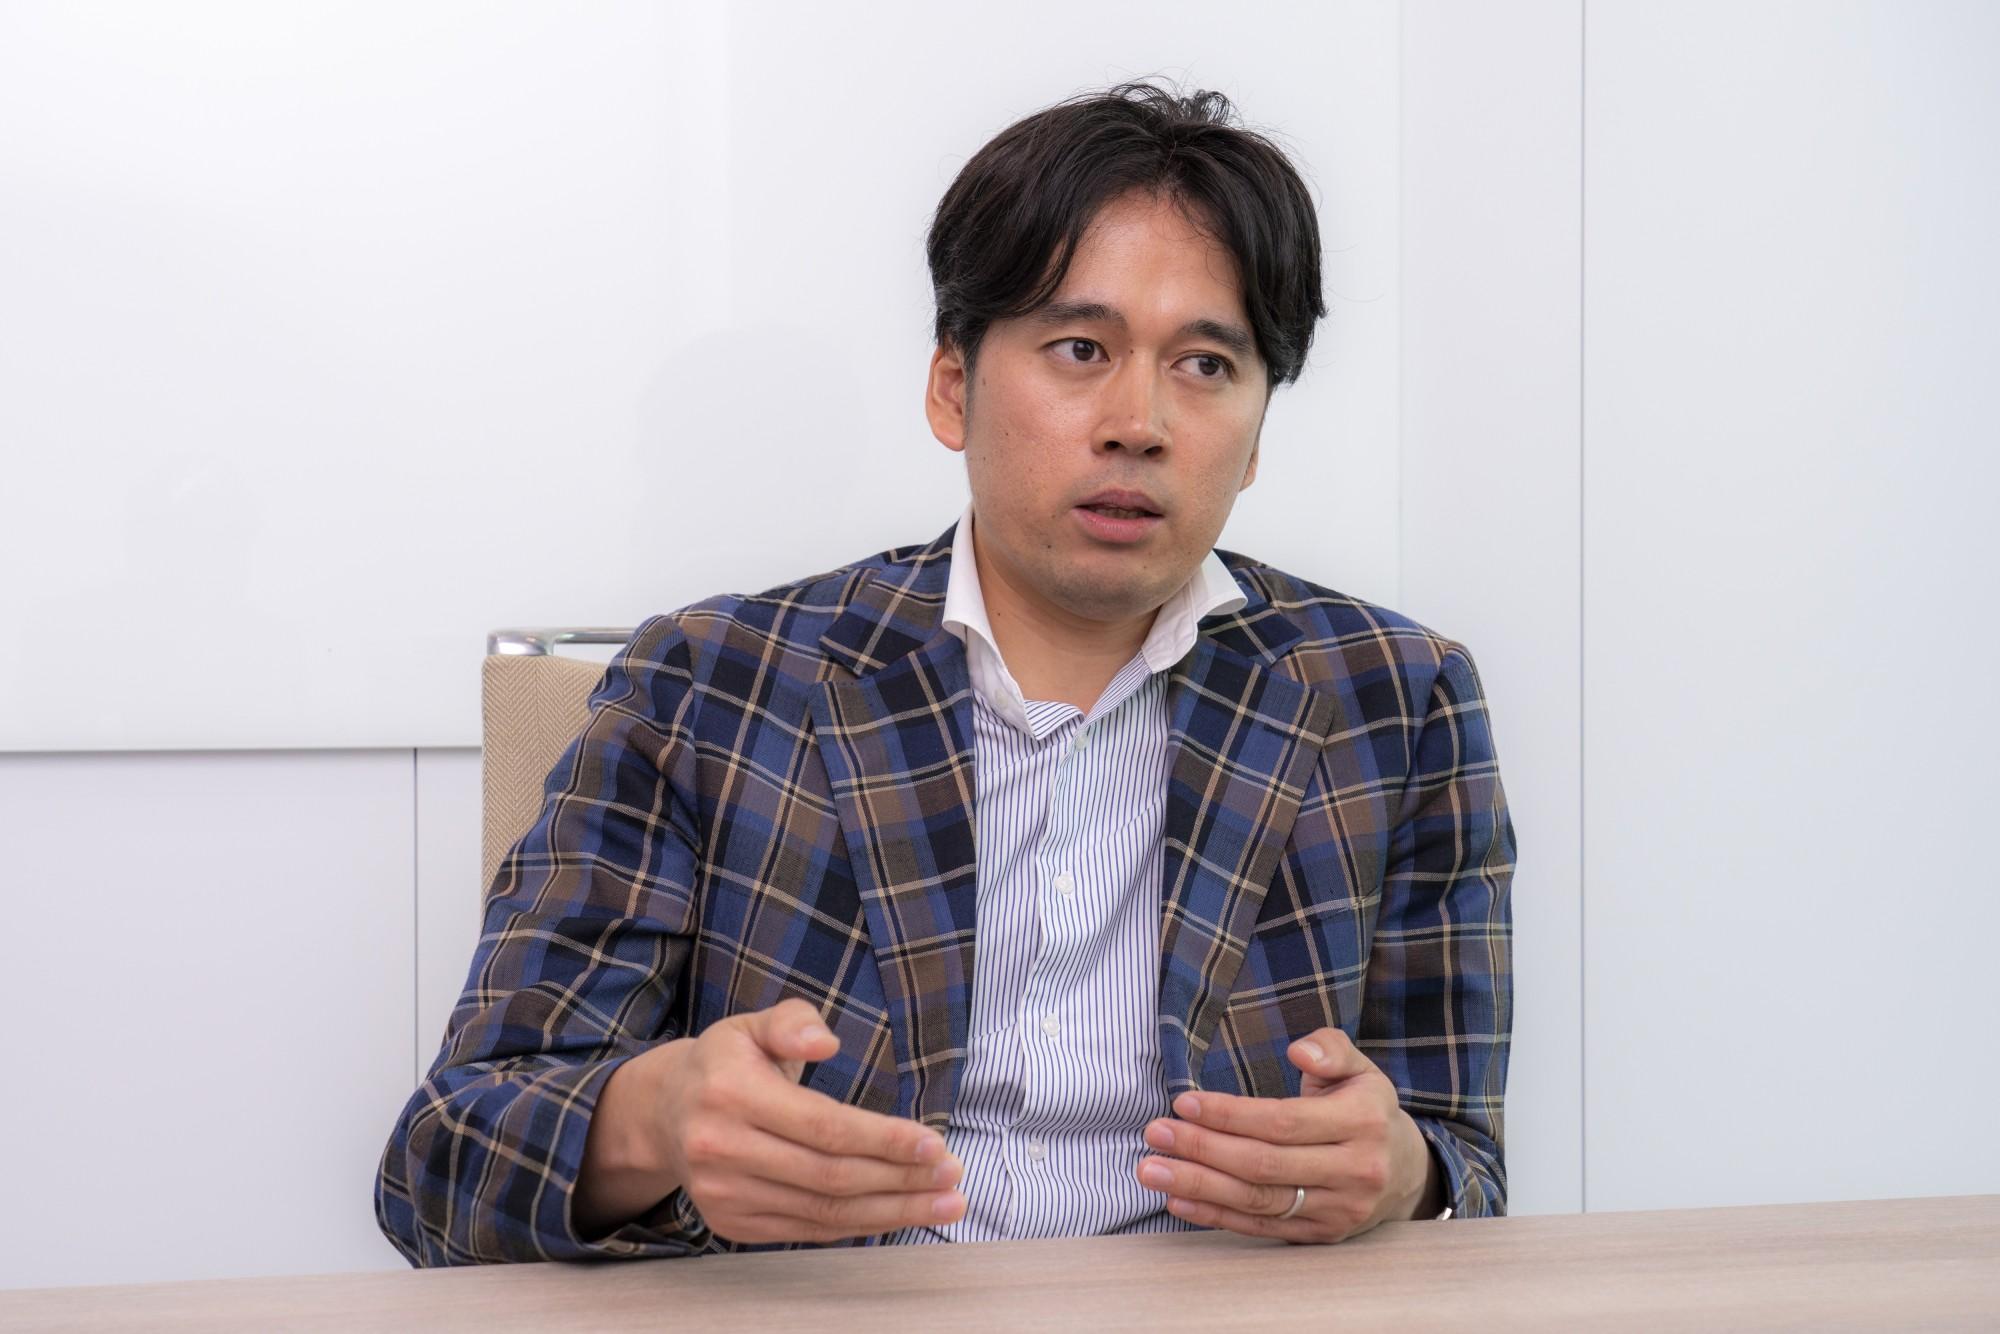 株式会社リミックスポイント 代表取締役会長CEO 小田玄紀 インタビュー 画像1